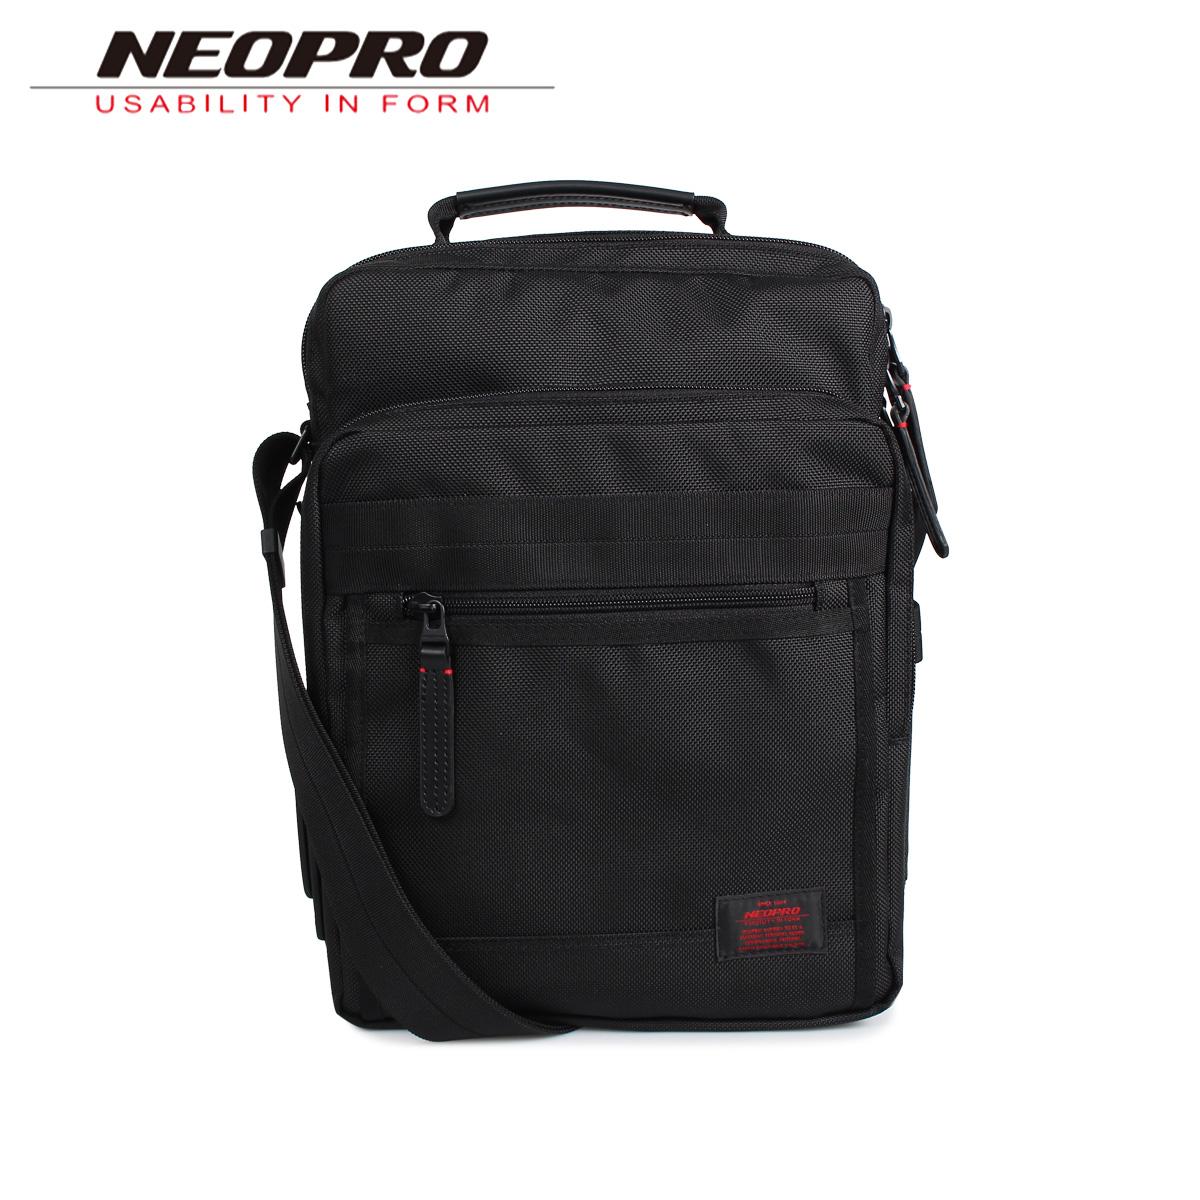 ネオプロ NEOPRO ショルダーバッグ メンズ RED ブラック 黒 2-024